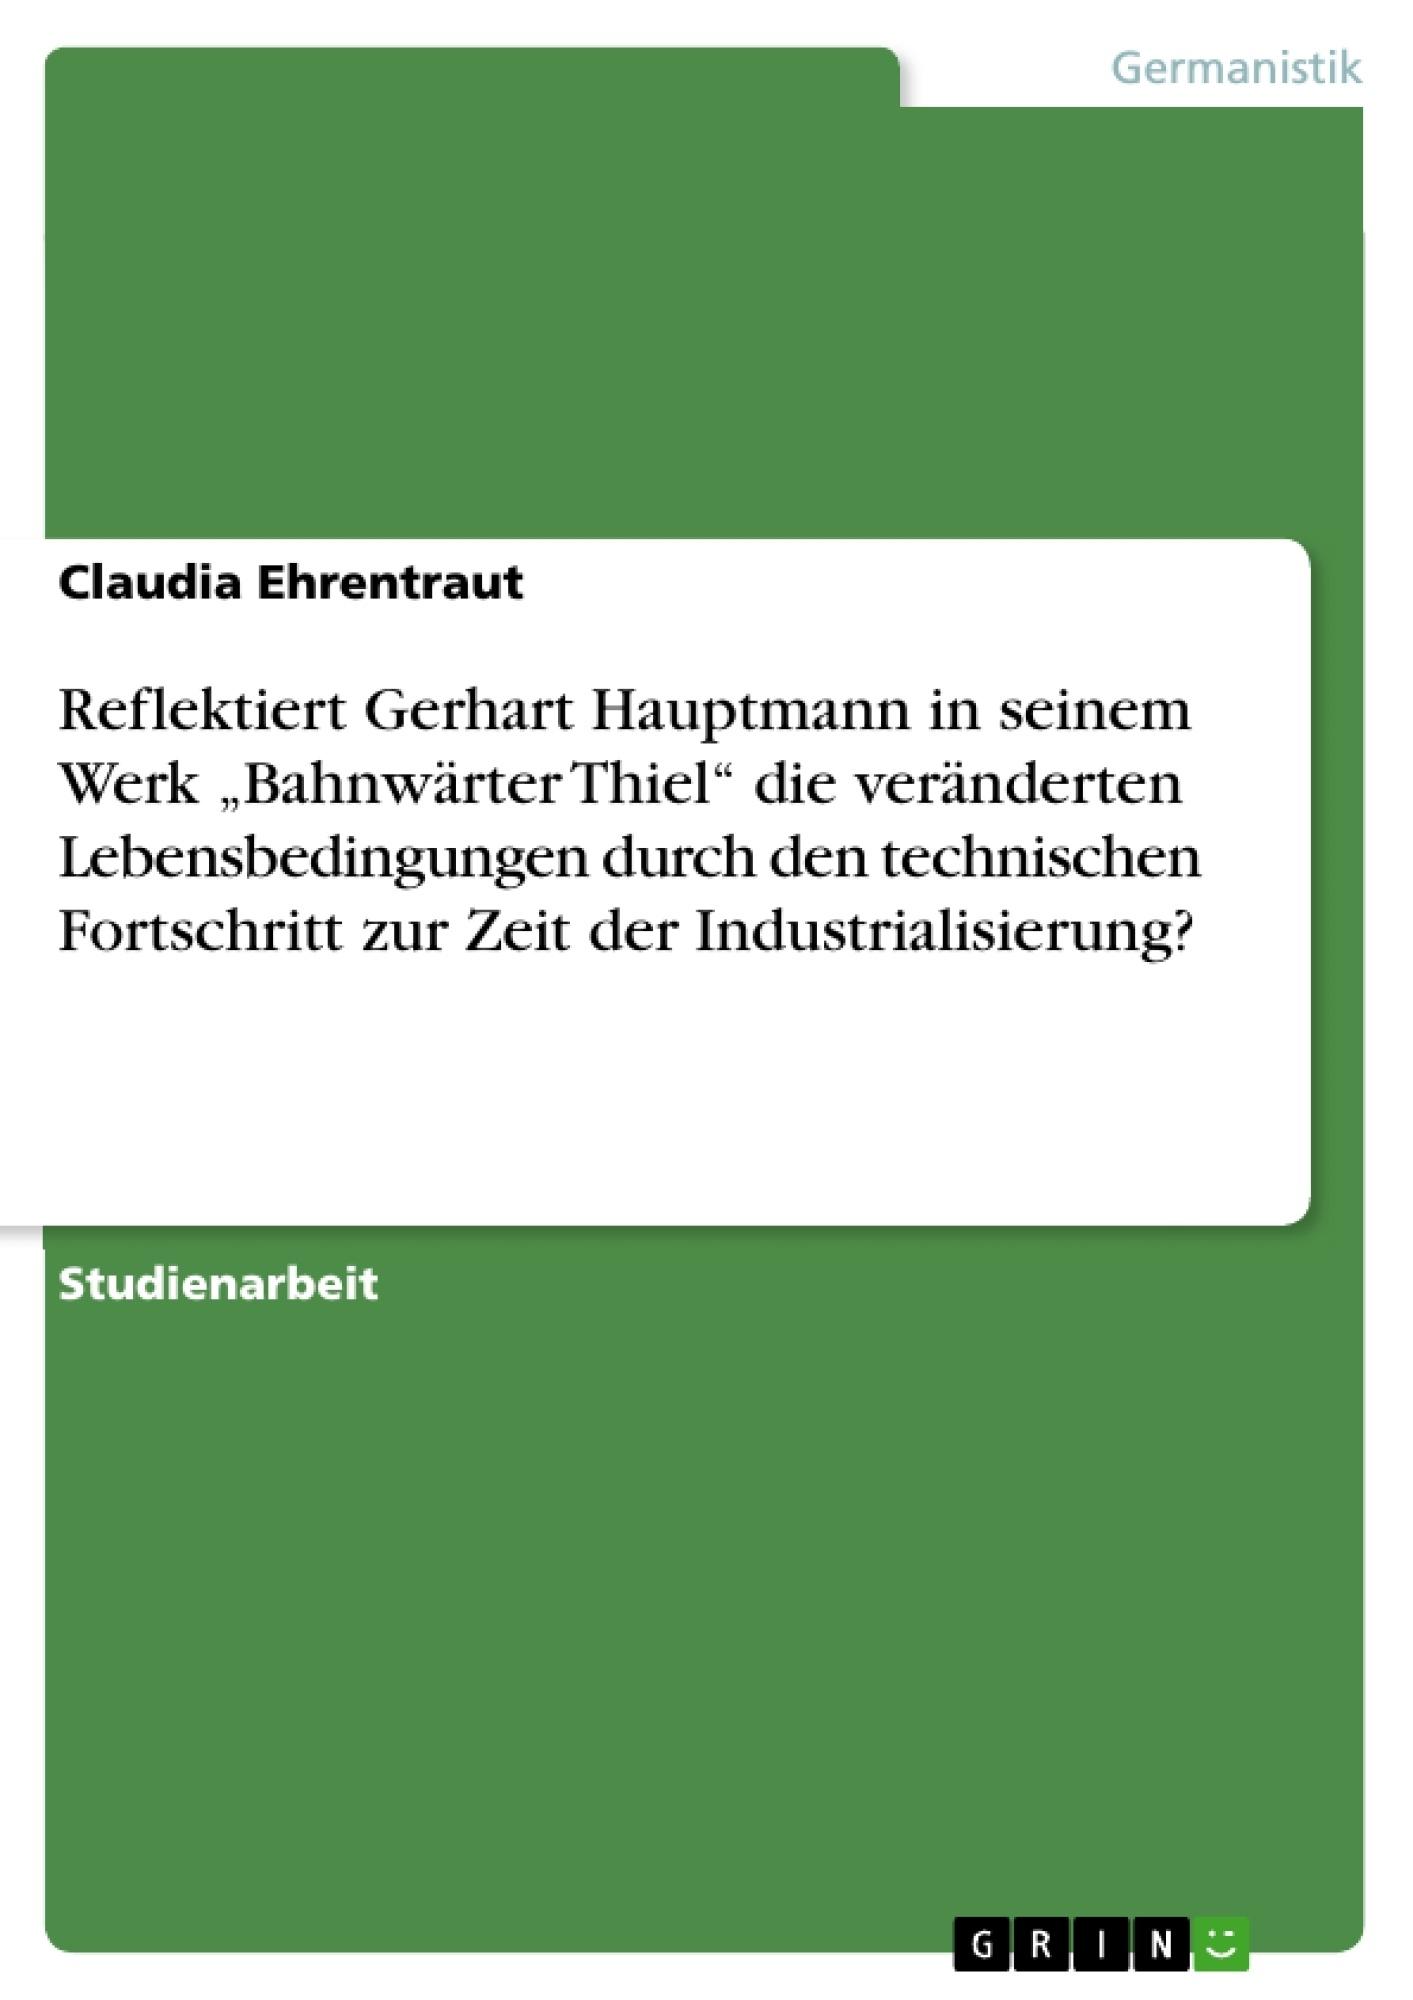 """Titel: Reflektiert Gerhart Hauptmann in seinem Werk """"Bahnwärter Thiel"""" die veränderten Lebensbedingungen durch den technischen Fortschritt zur Zeit der Industrialisierung?"""